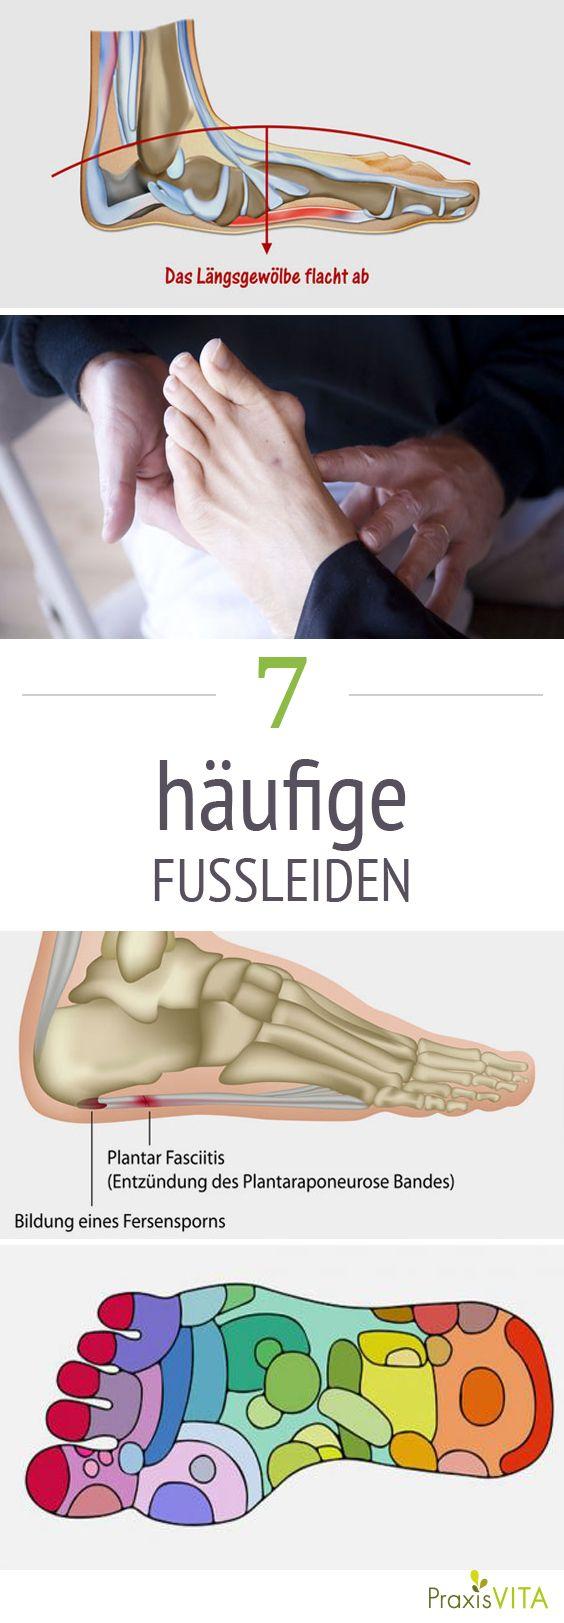 Von Fersensporn bis Krallenzeh: Die häufigsten Fußerkrankungen, wie man sie heute wirksam behandelt – und wie jeder Fußproblemen vorbeugen kann.